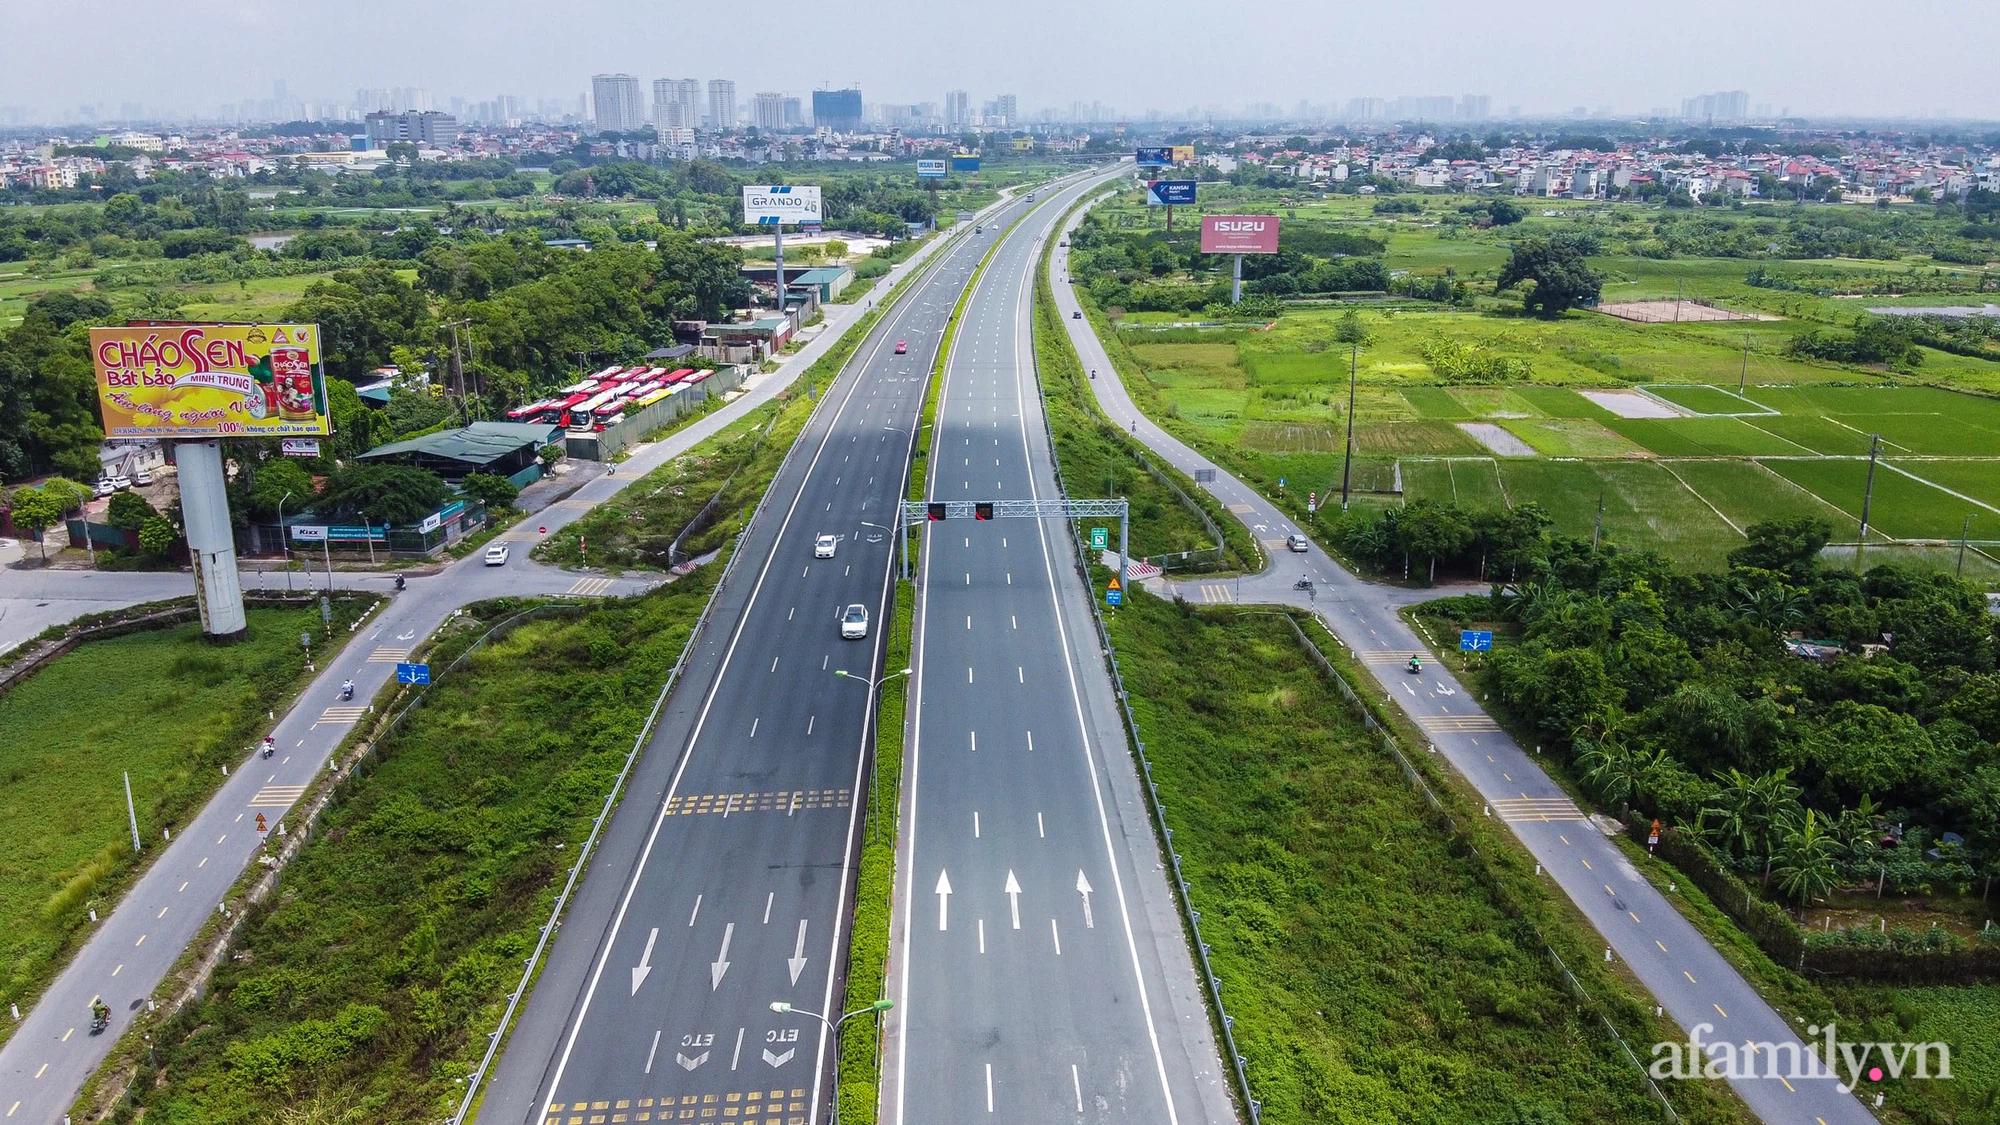 """Ngày đầu cách ly xã hội, 100% phương tiện tại 22 chốt kiểm soát đều phải quay đầu, các xe không thuộc """"luồng xanh"""" cần tránh lộ trình đi qua Hà Nội - Ảnh 10."""